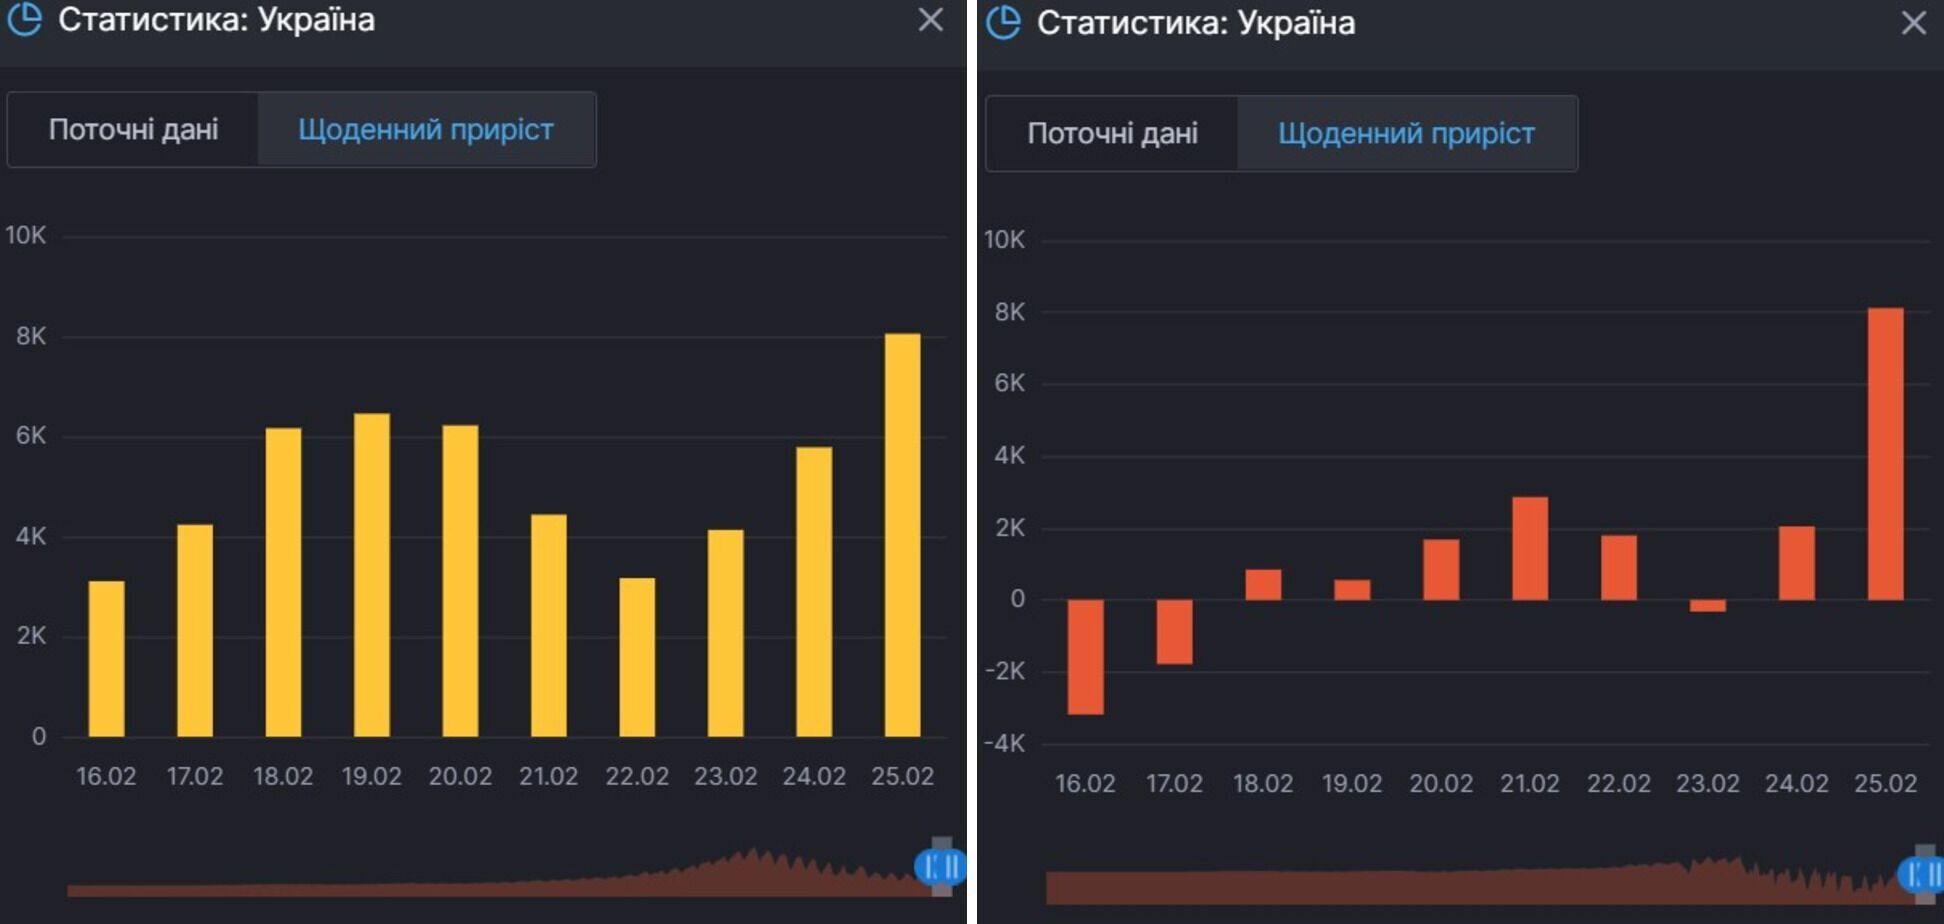 Приріст заражень коронавірусом і тих, хто продовжує хворіти на нього в Україні